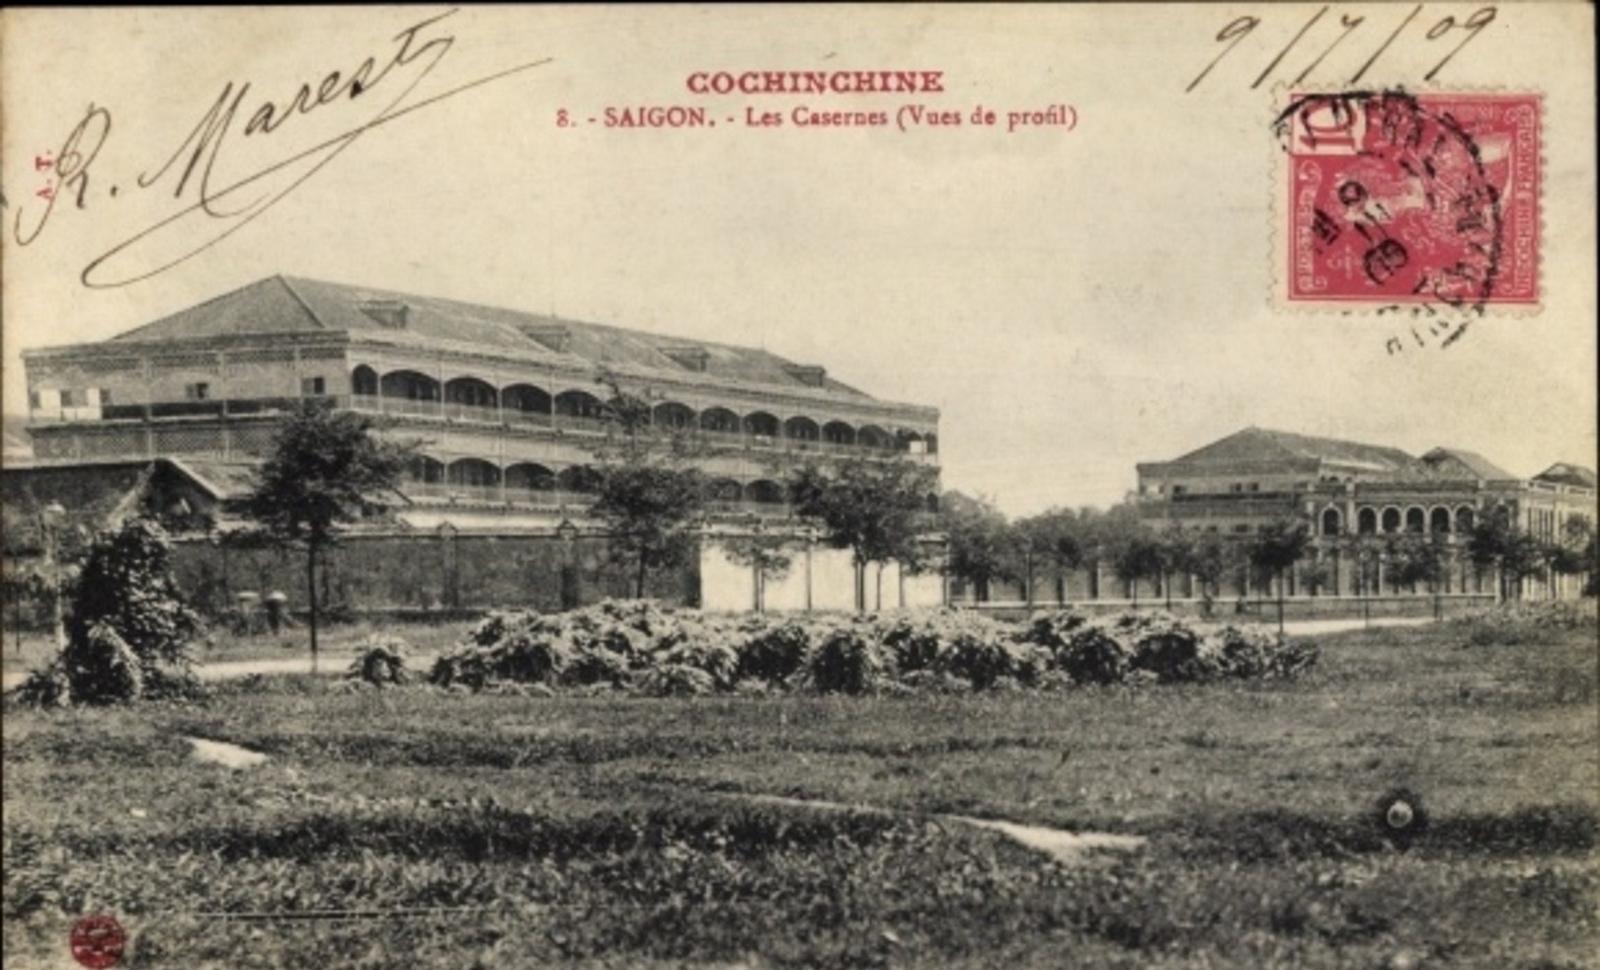 Hô Chi Minh-Ville -  Cp Saigon Cochinchine Vietnam, Les Casernes, Vues de profil